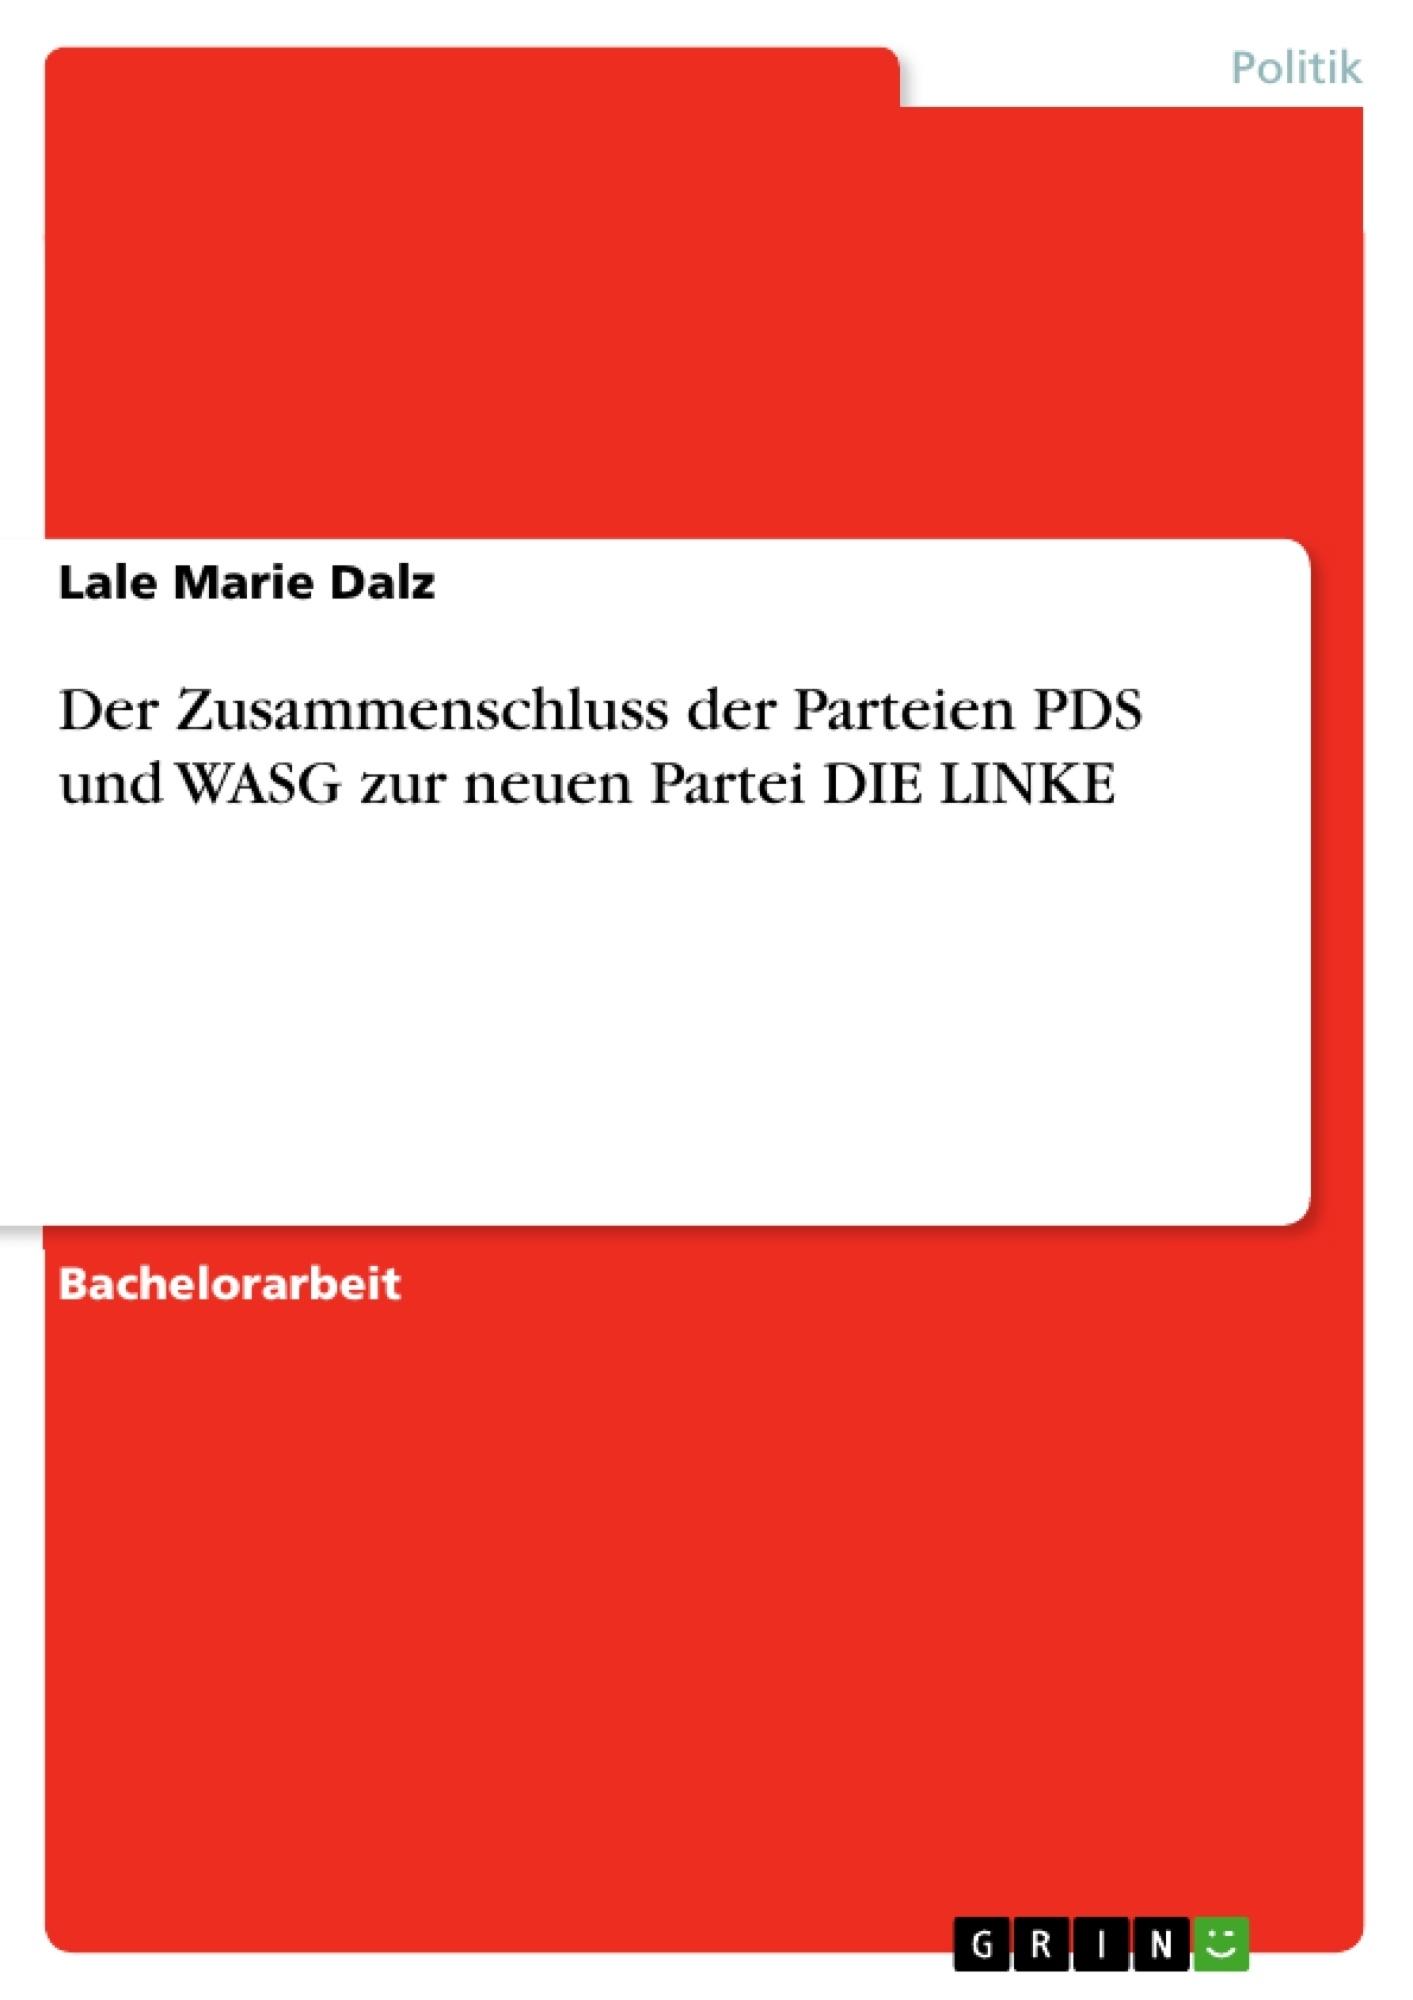 Titel: Der Zusammenschluss der Parteien PDS und WASG zur neuen Partei DIE LINKE